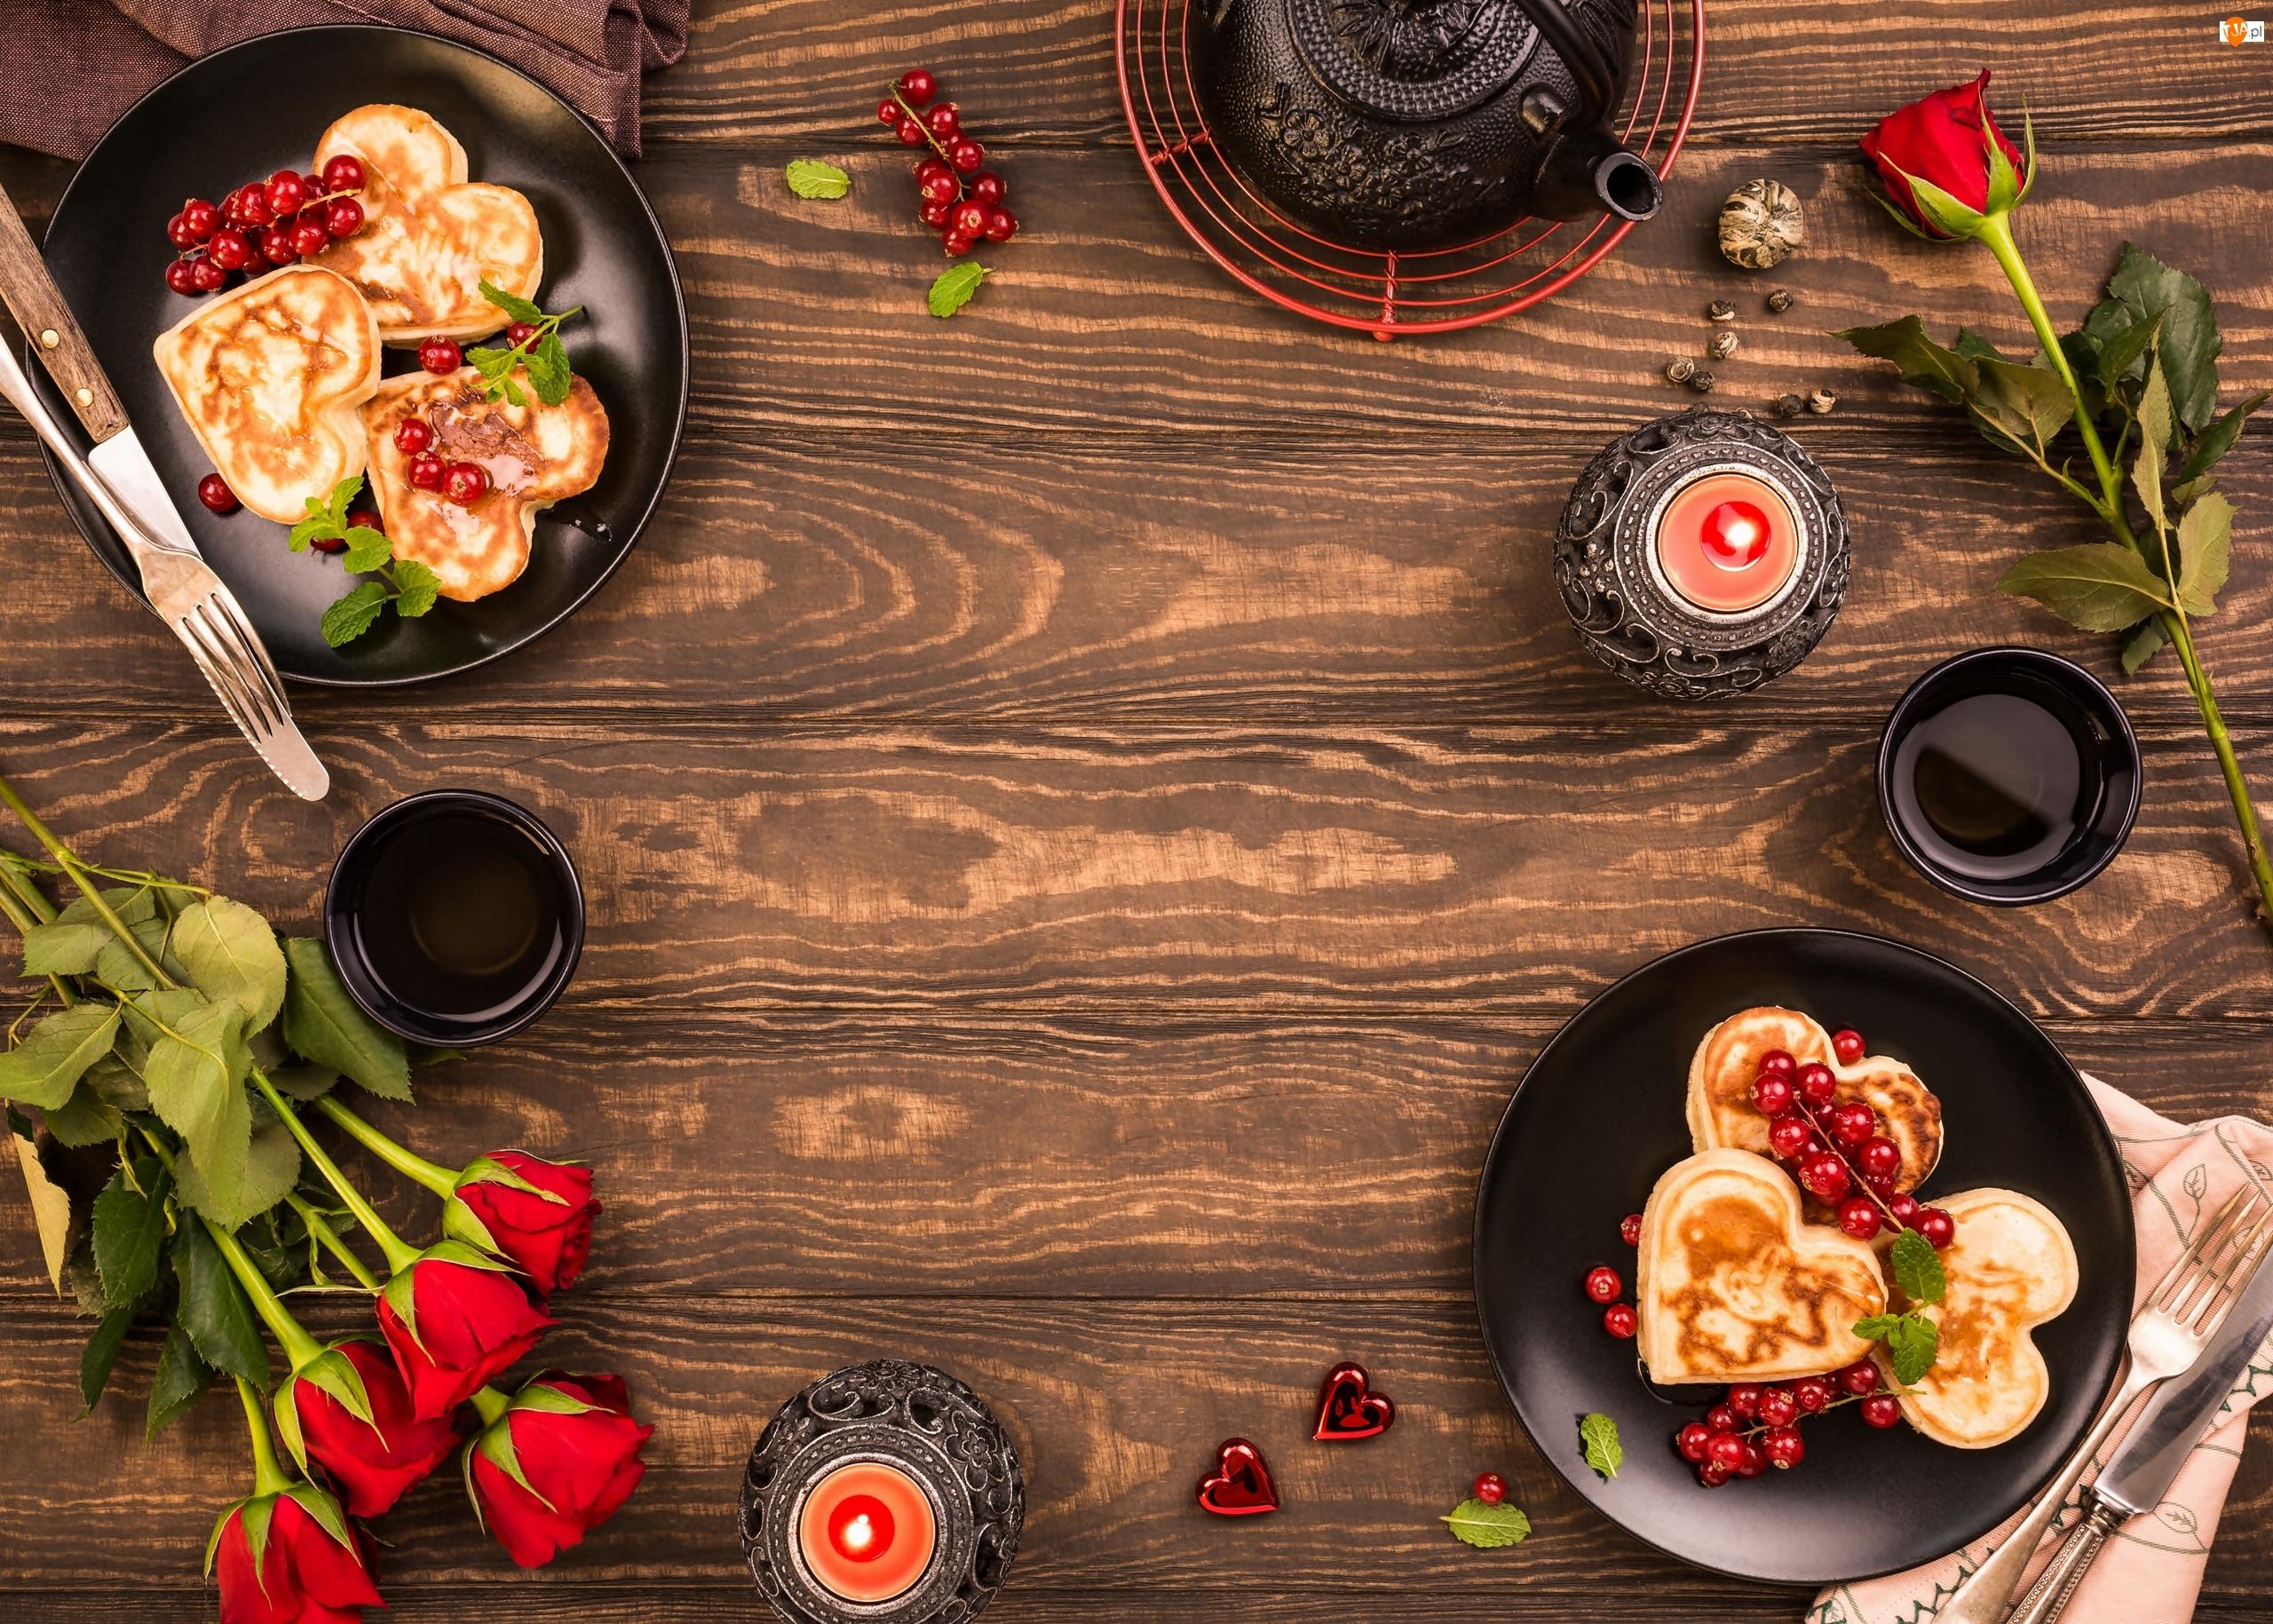 Kubki, Herbata, Naleśniki, Świeczki, Róże, Talerze